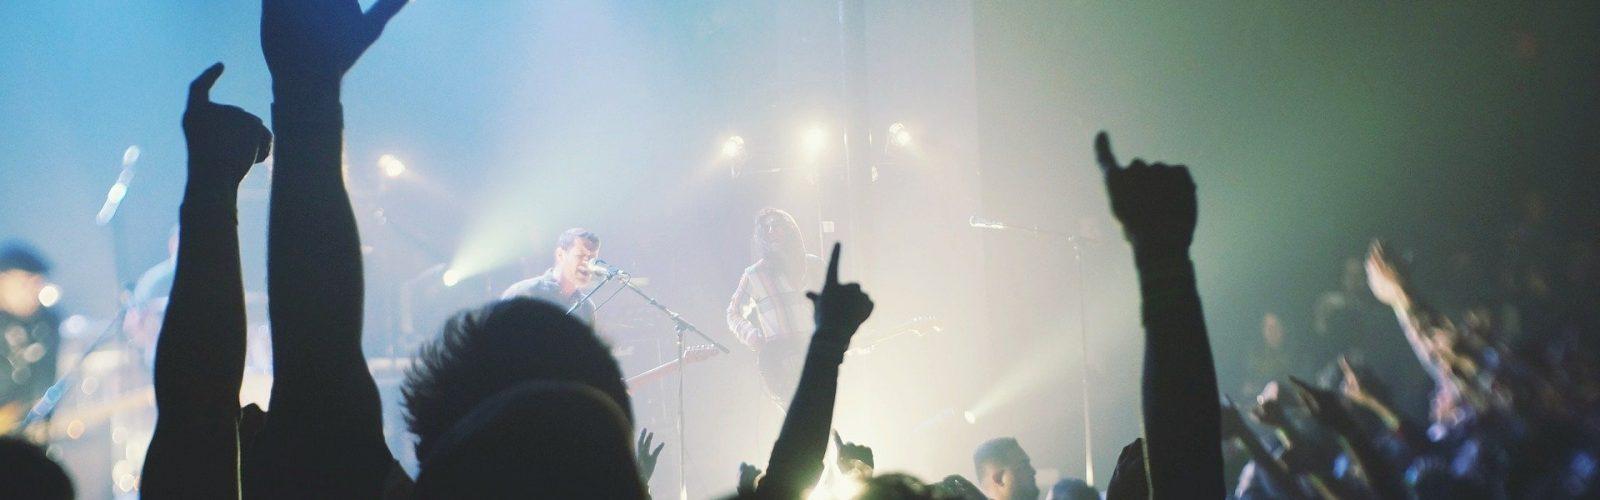 public et mains levées lors d'un concert